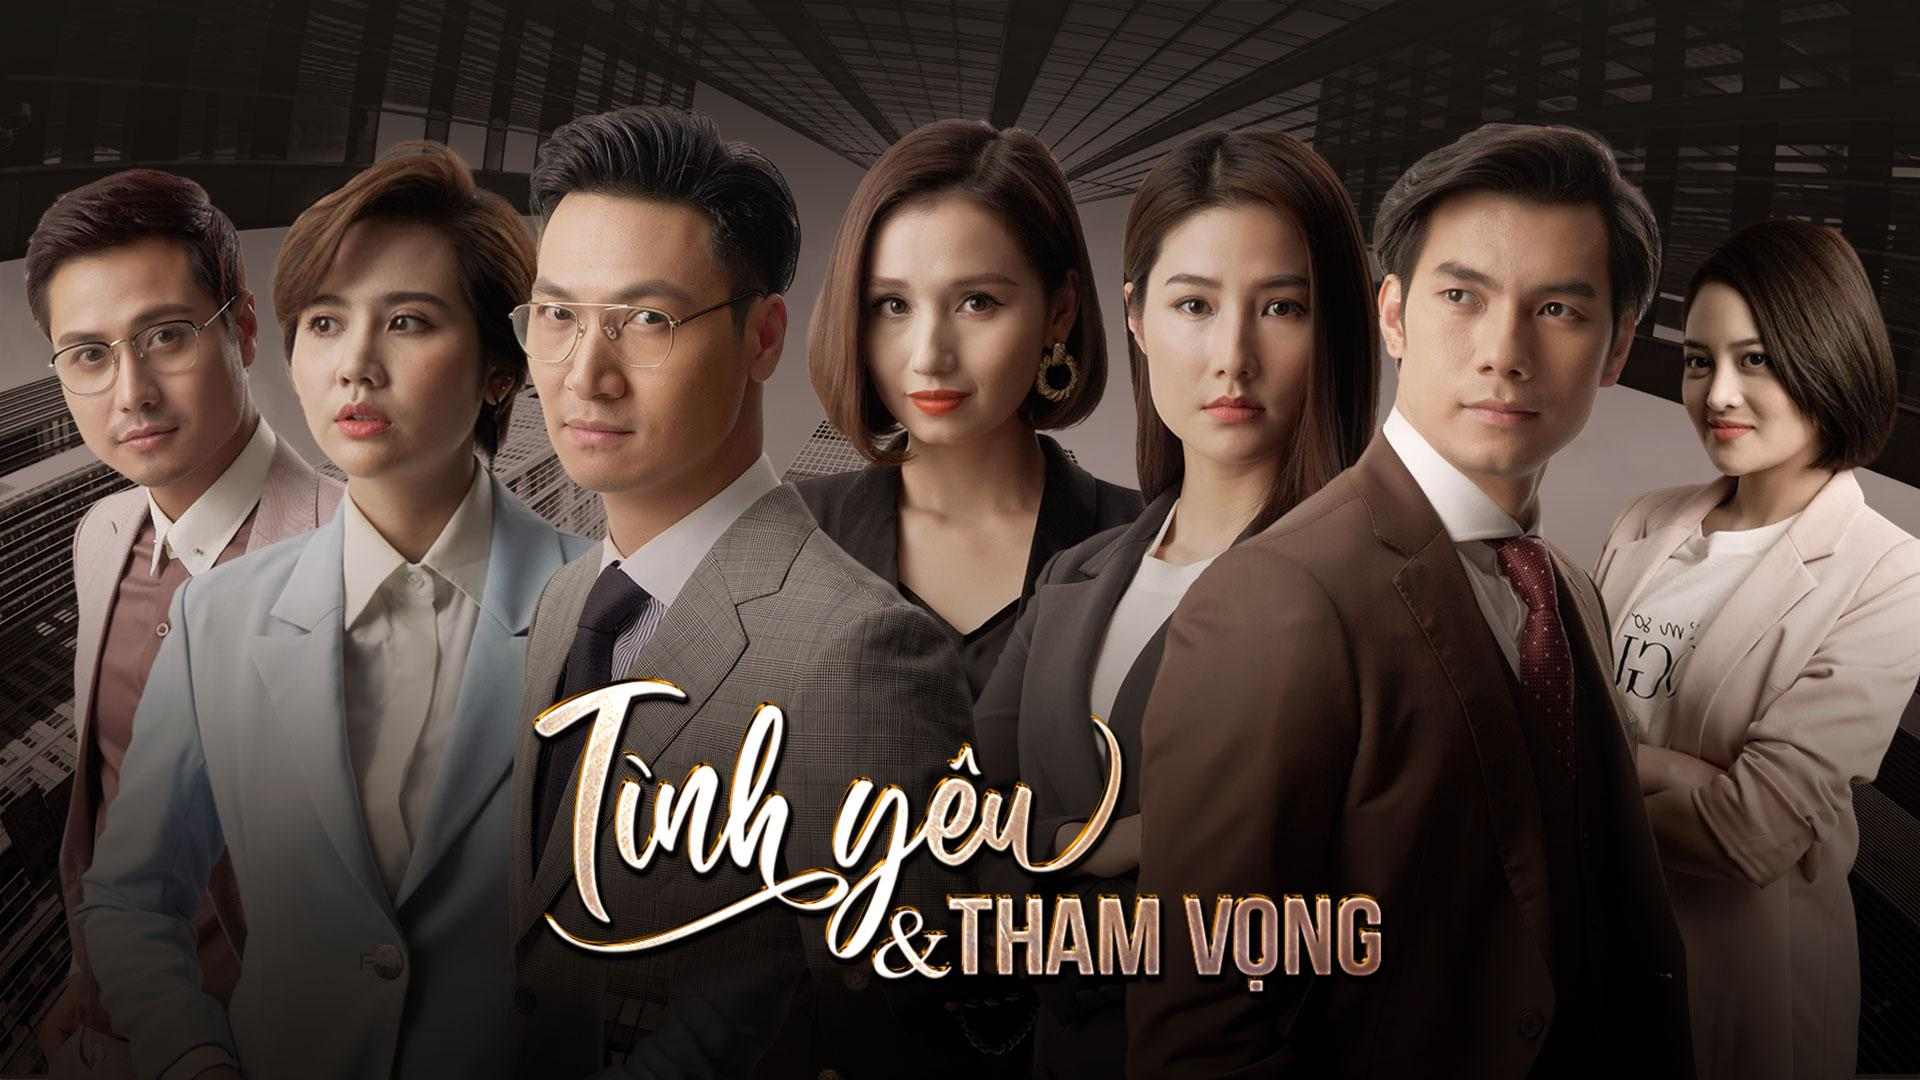 Những phim truyền hình Việt ấn tượng nhất 2020: Phim từng được xem nhiều nhất là một cái tên gây bất ngờ - Ảnh 1.